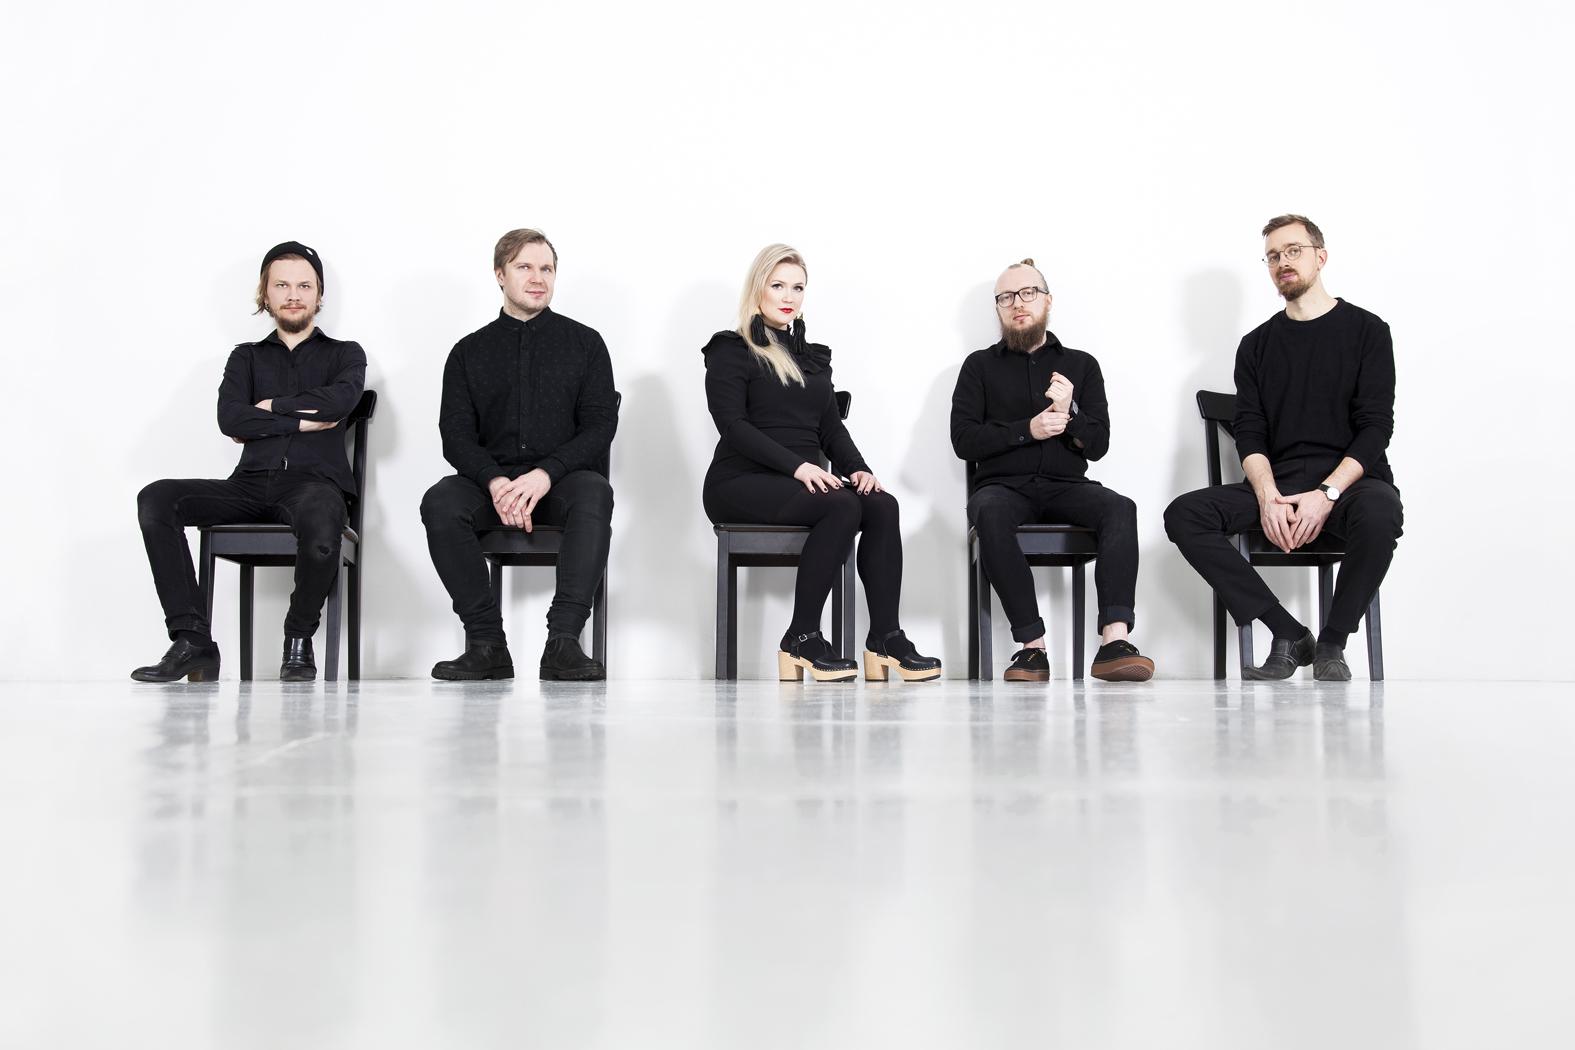 Promo Malmö / Suomen Musiikki